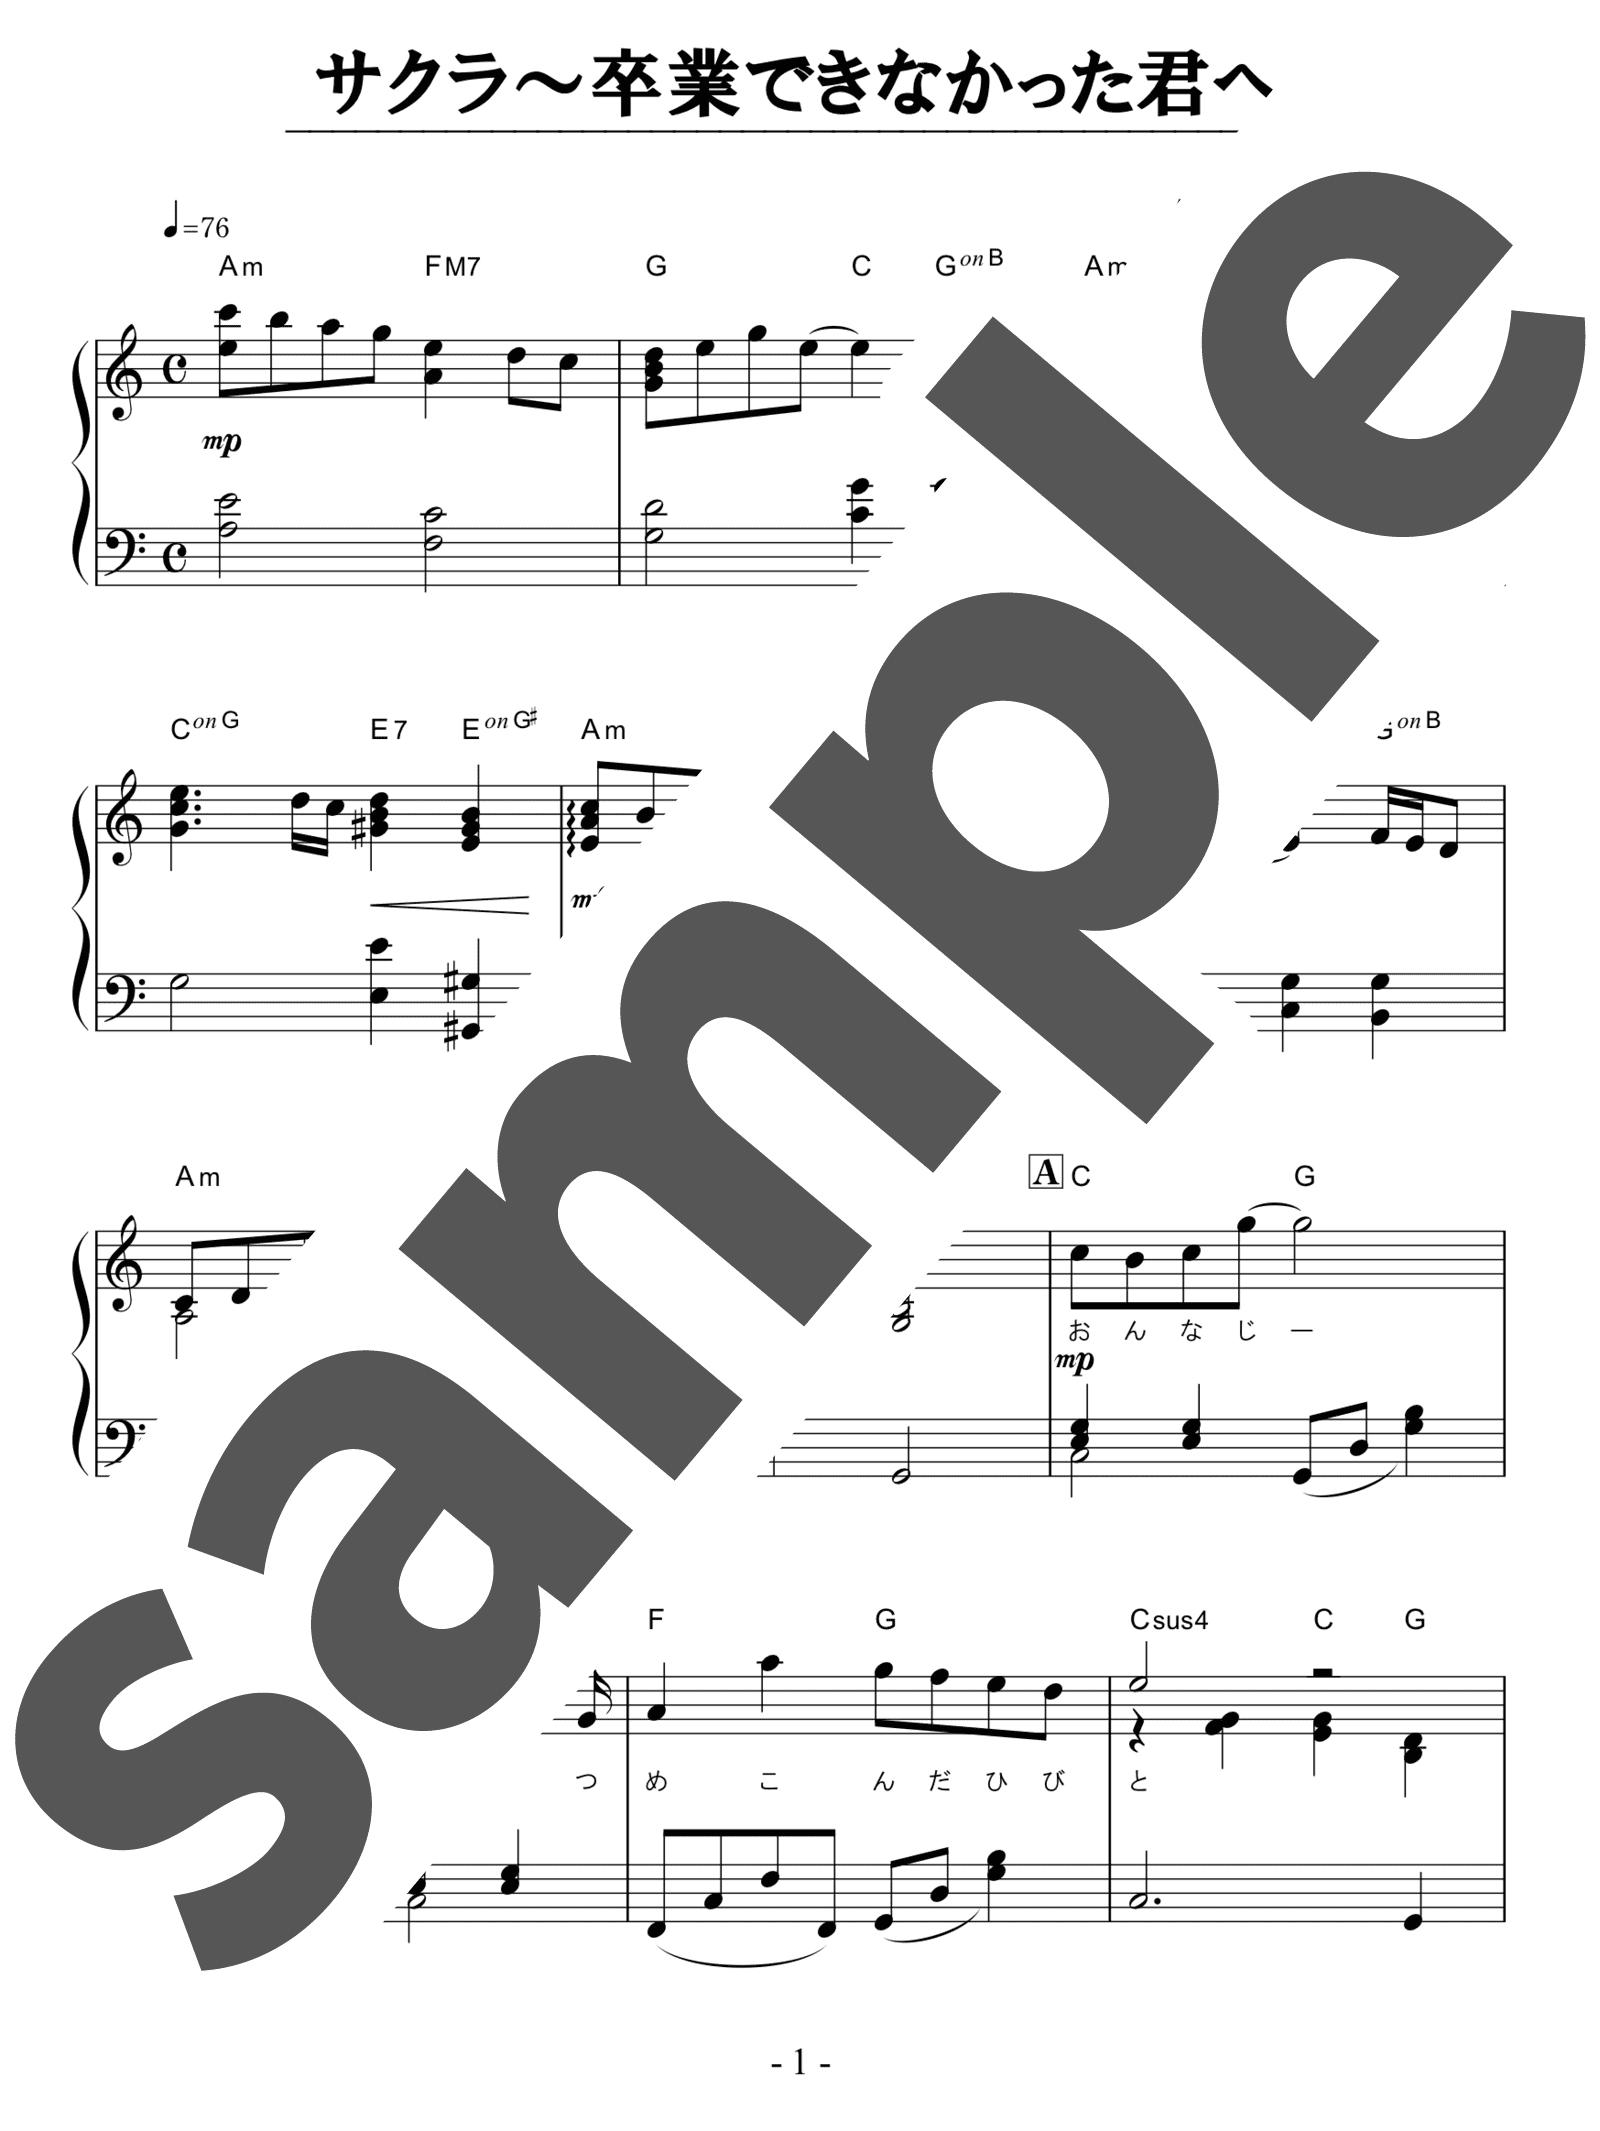 「サクラ~卒業できなかった君へ~」のサンプル楽譜